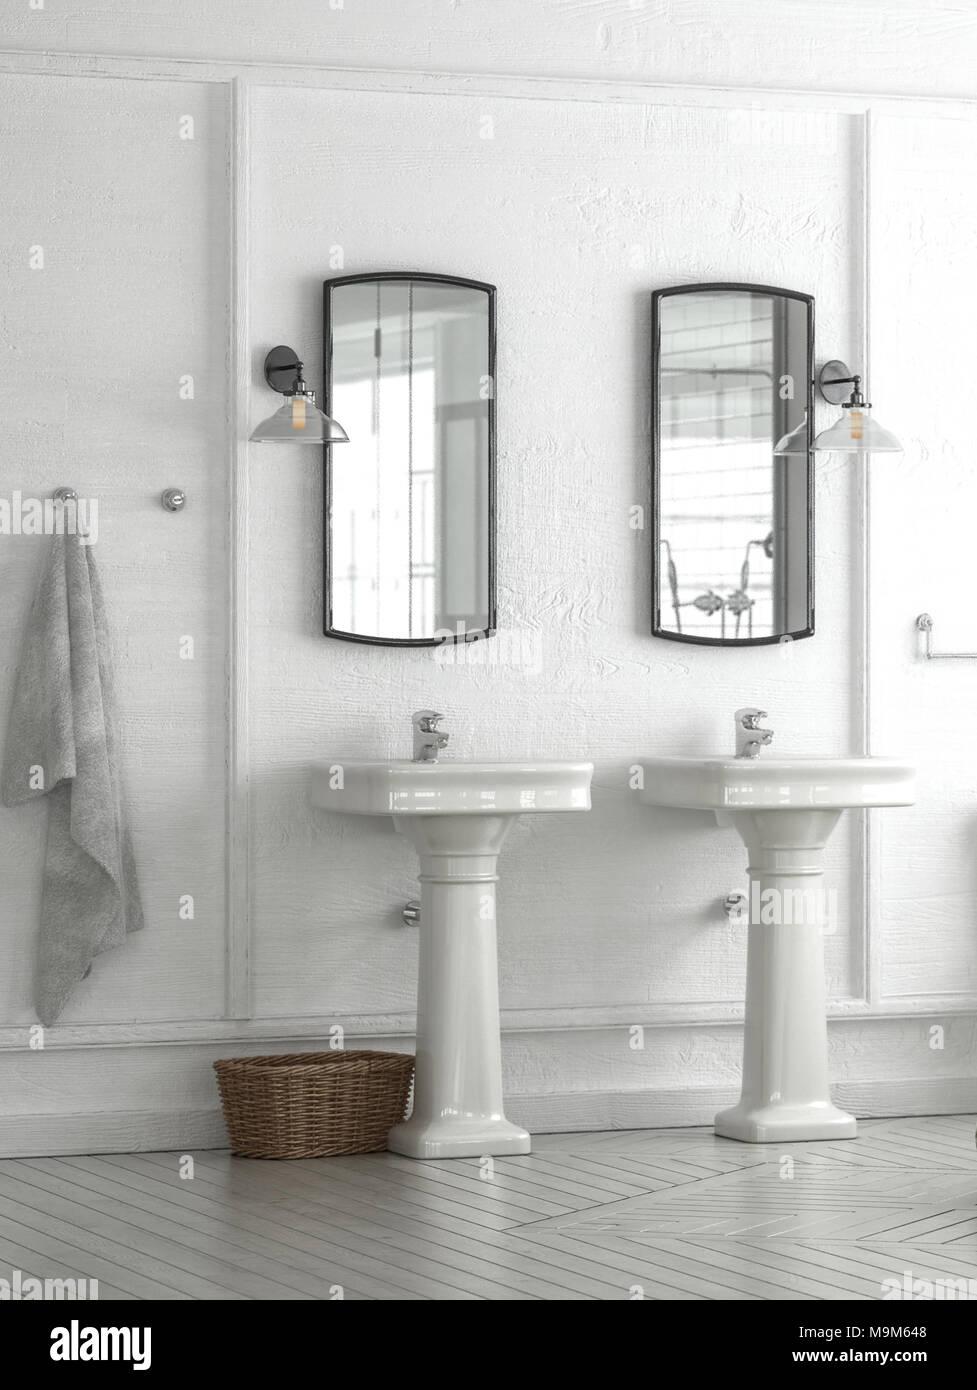 Meuble De Salle De Bain Osier meuble-lavabo double ou lavabos dans une élégante salle de